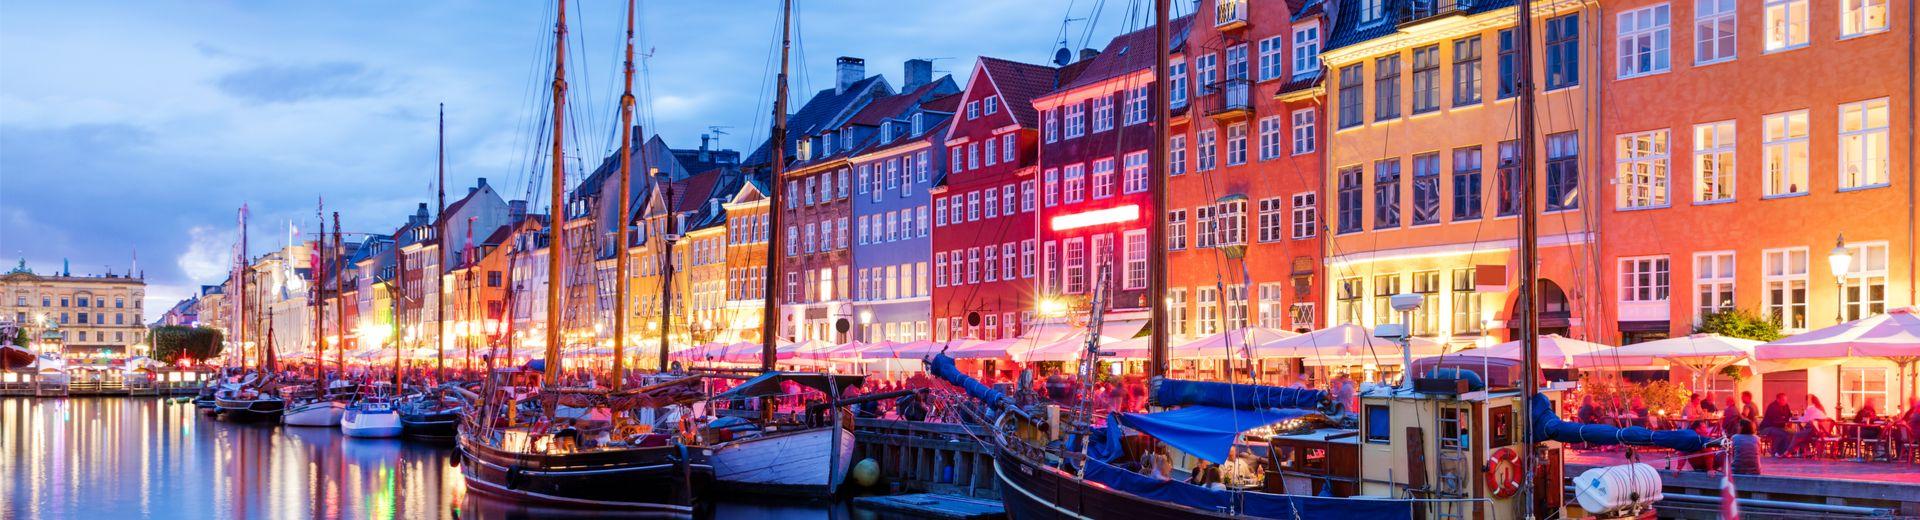 AIDA Kreuzfahrt: Die Ostsee und ihre schmucken Städte